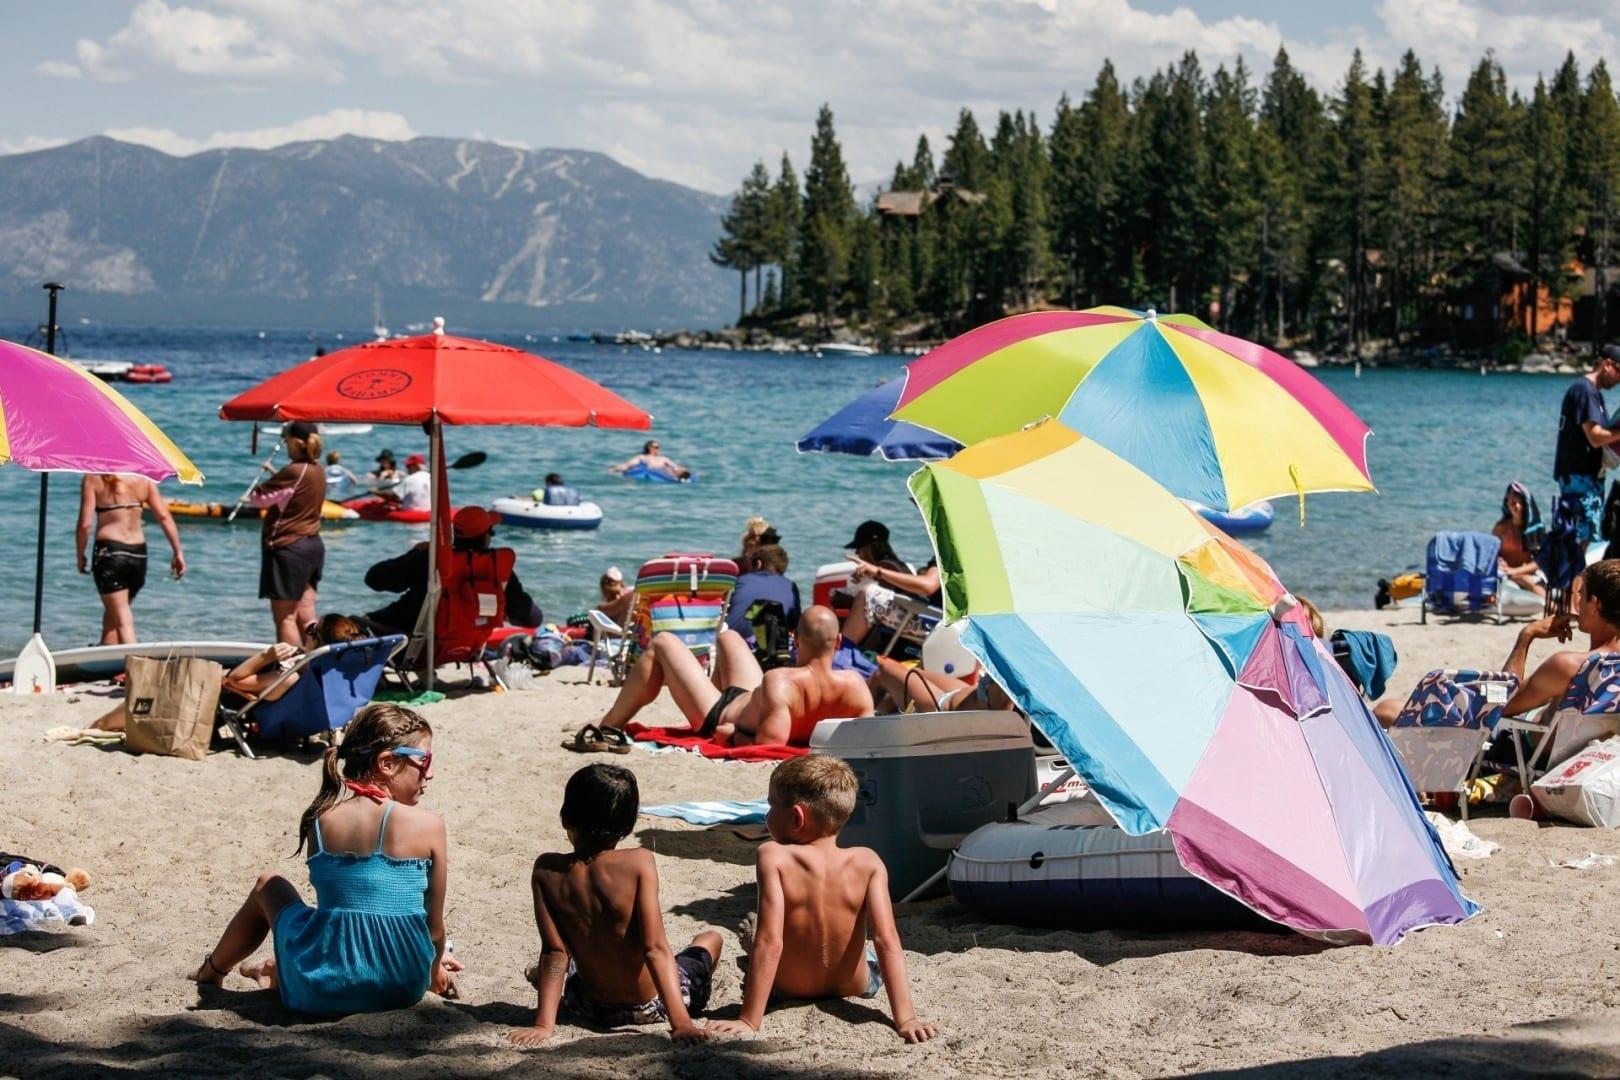 Tomando el sol en la playa del Lago Tahoe Sur durante el verano. Lago Tahoe NV Estados Unidos